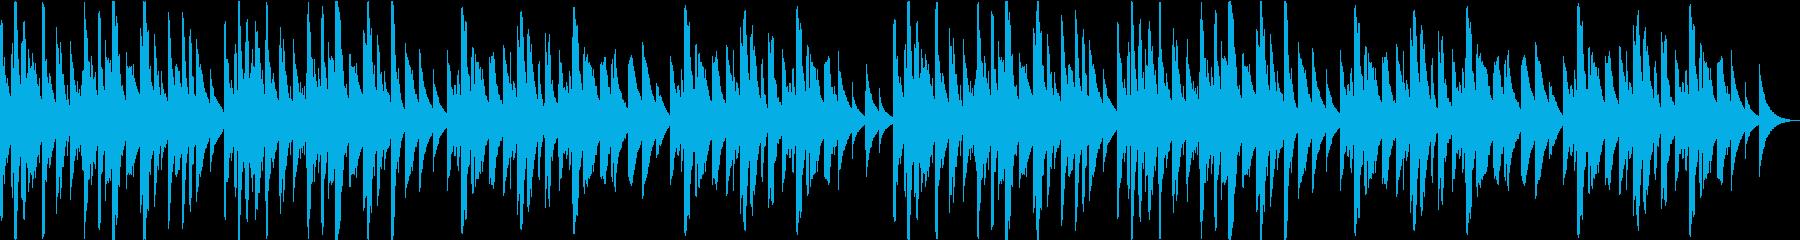 オルゴール 癒し 可愛い ヒーリングの再生済みの波形